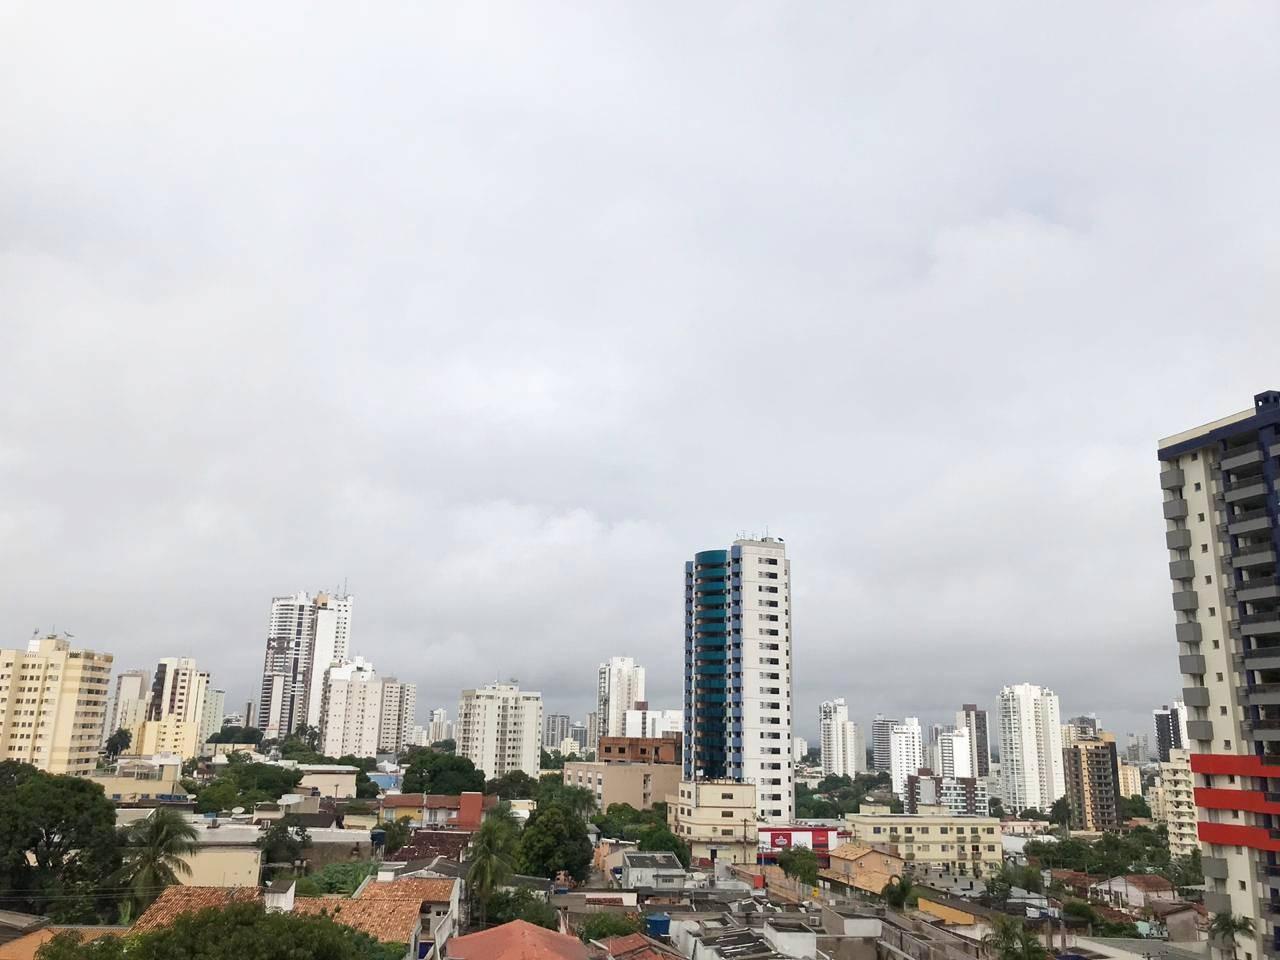 Temperatura deve passar dos 40ºC durante a semana em Cuiabá e não há previsão de chuva